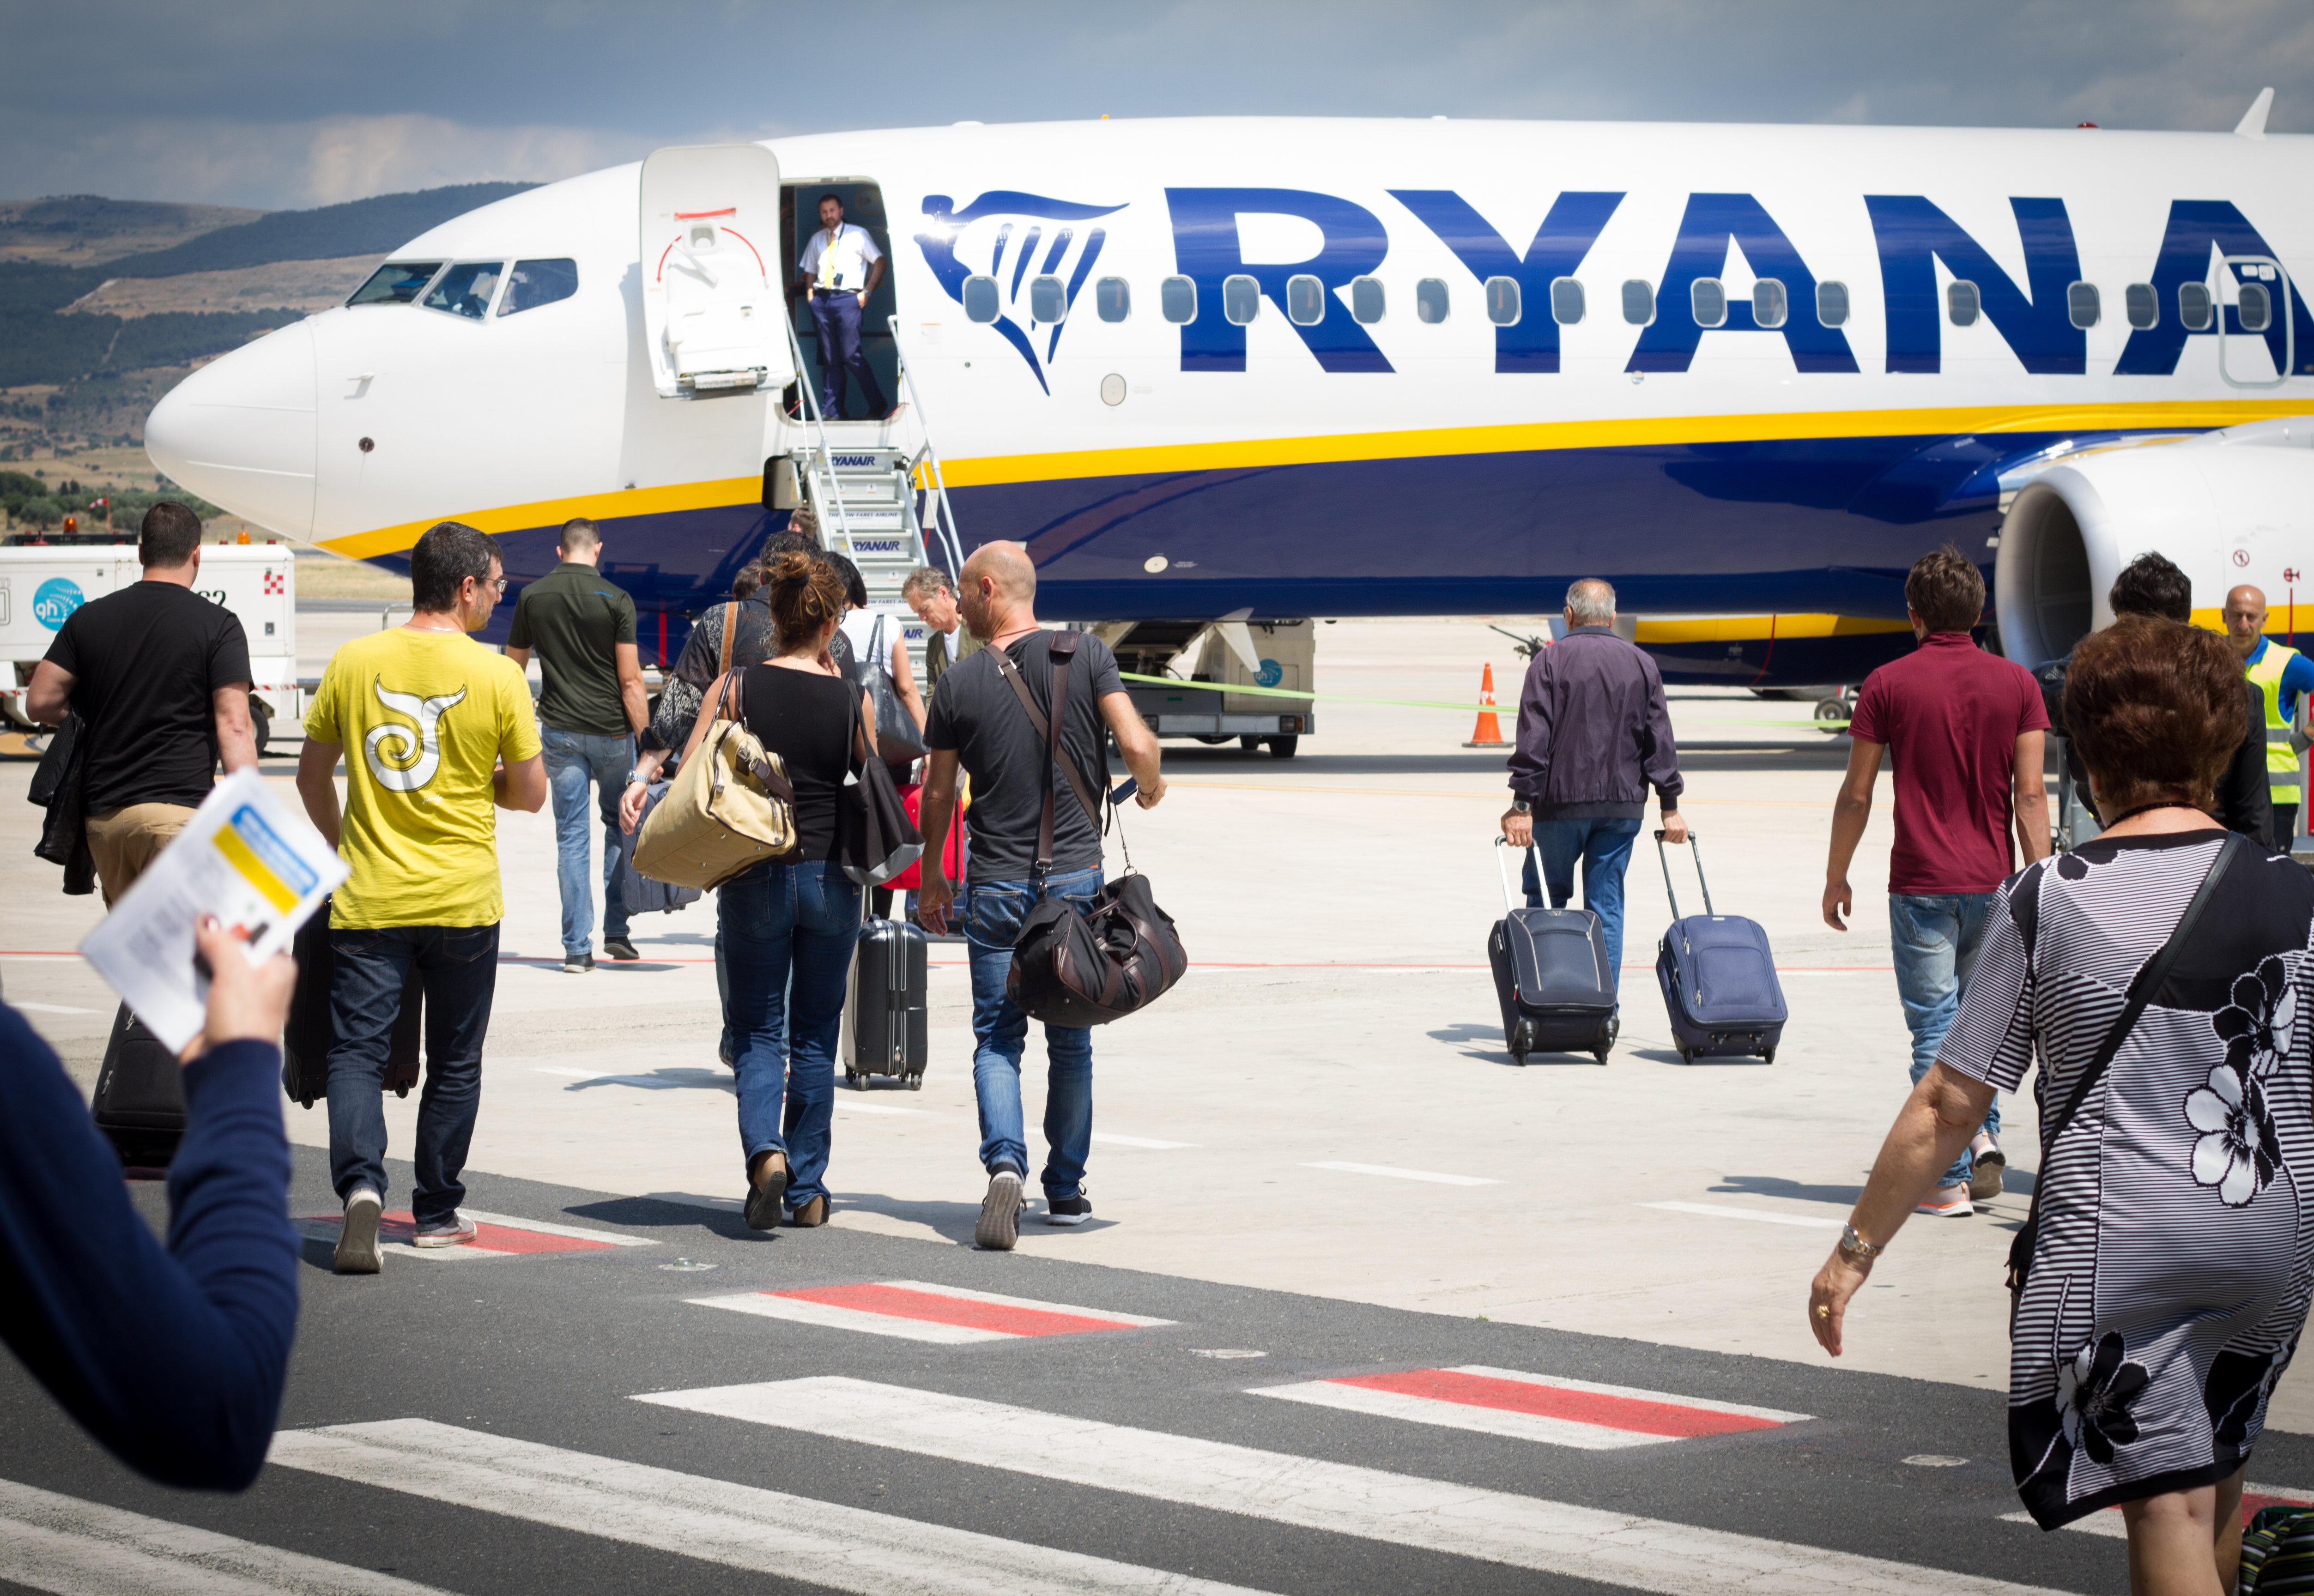 Mann verpasst Ryanair-Flug – dann kommt er auf eine schräge Idee